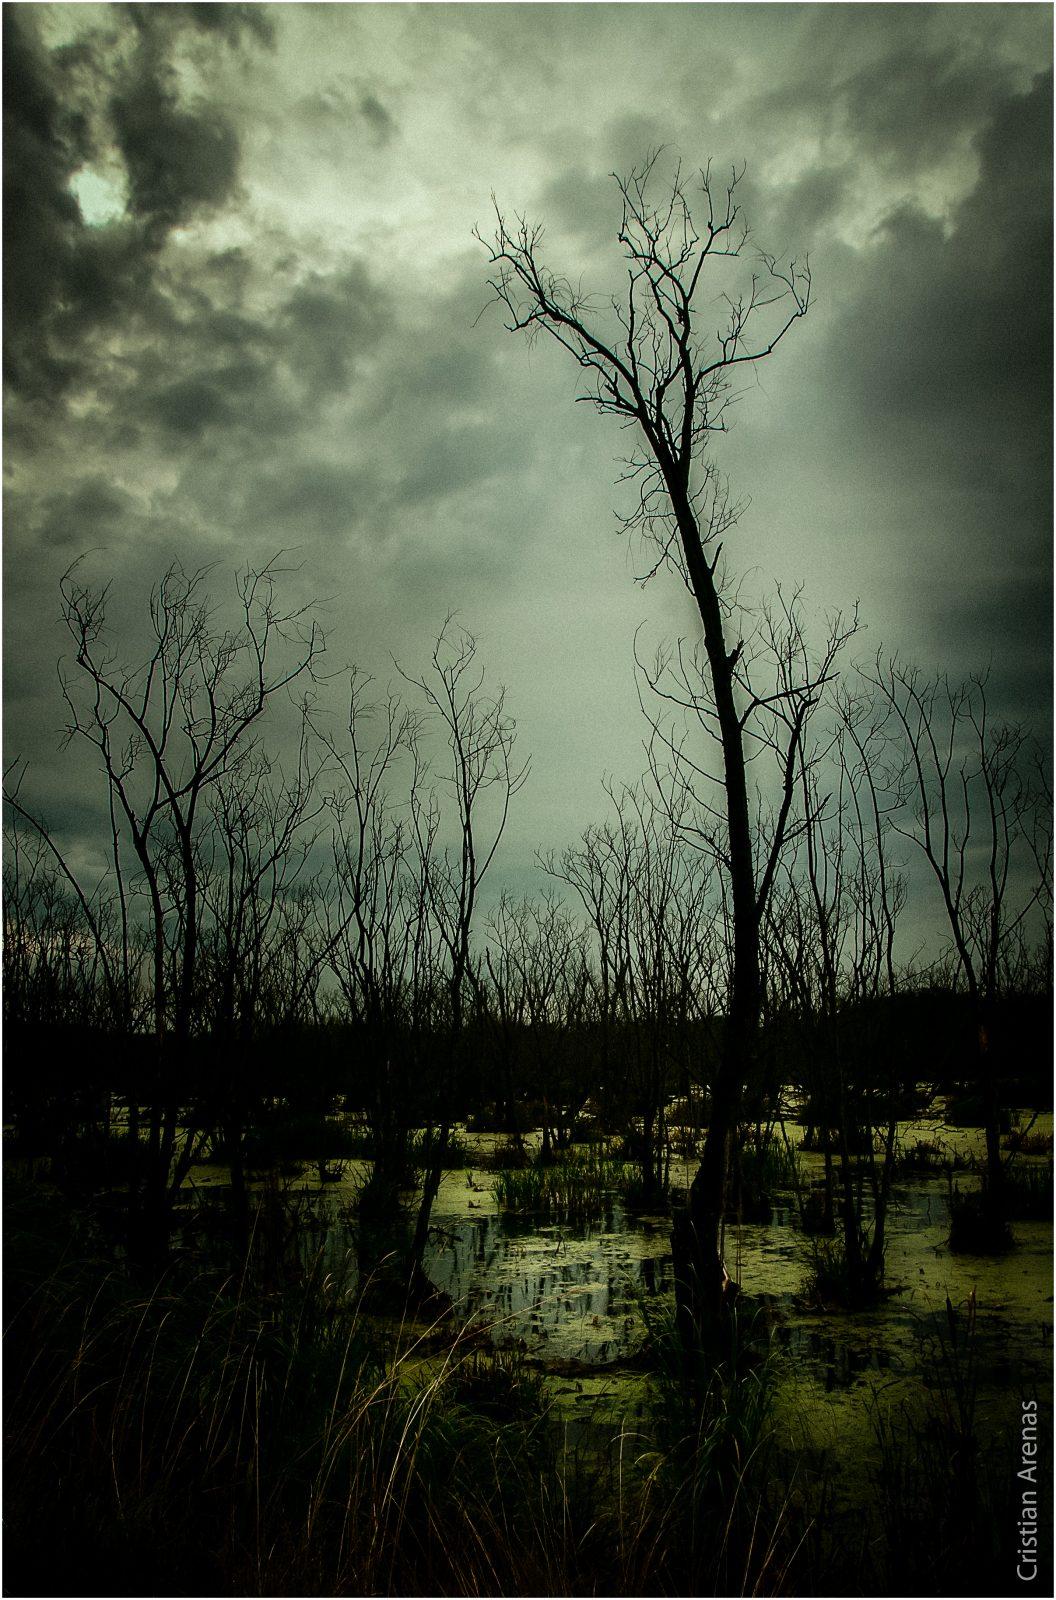 Sos el paisaje más soñado Y sacudiste las más sólidas tristezas  Cerati.